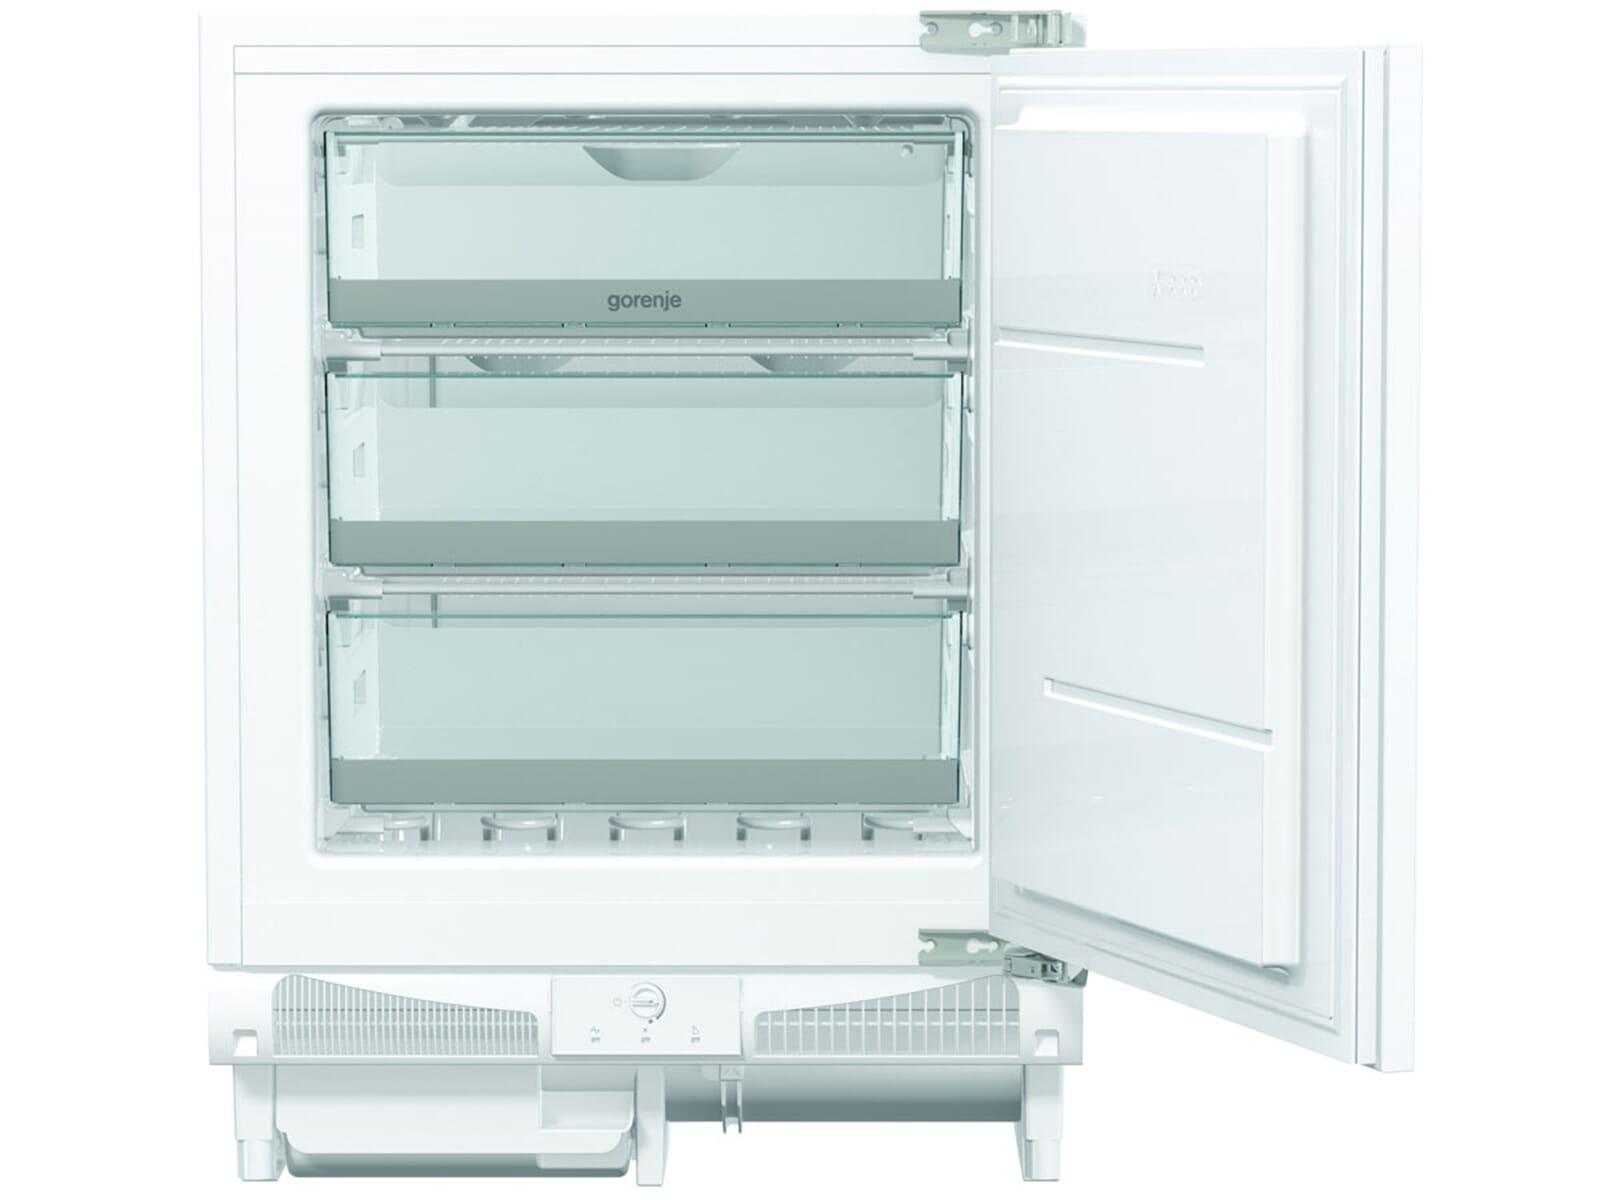 Gorenje Kühlschrank Schalter Funktion : Gorenje fiu aw unterbaugefrierschrank